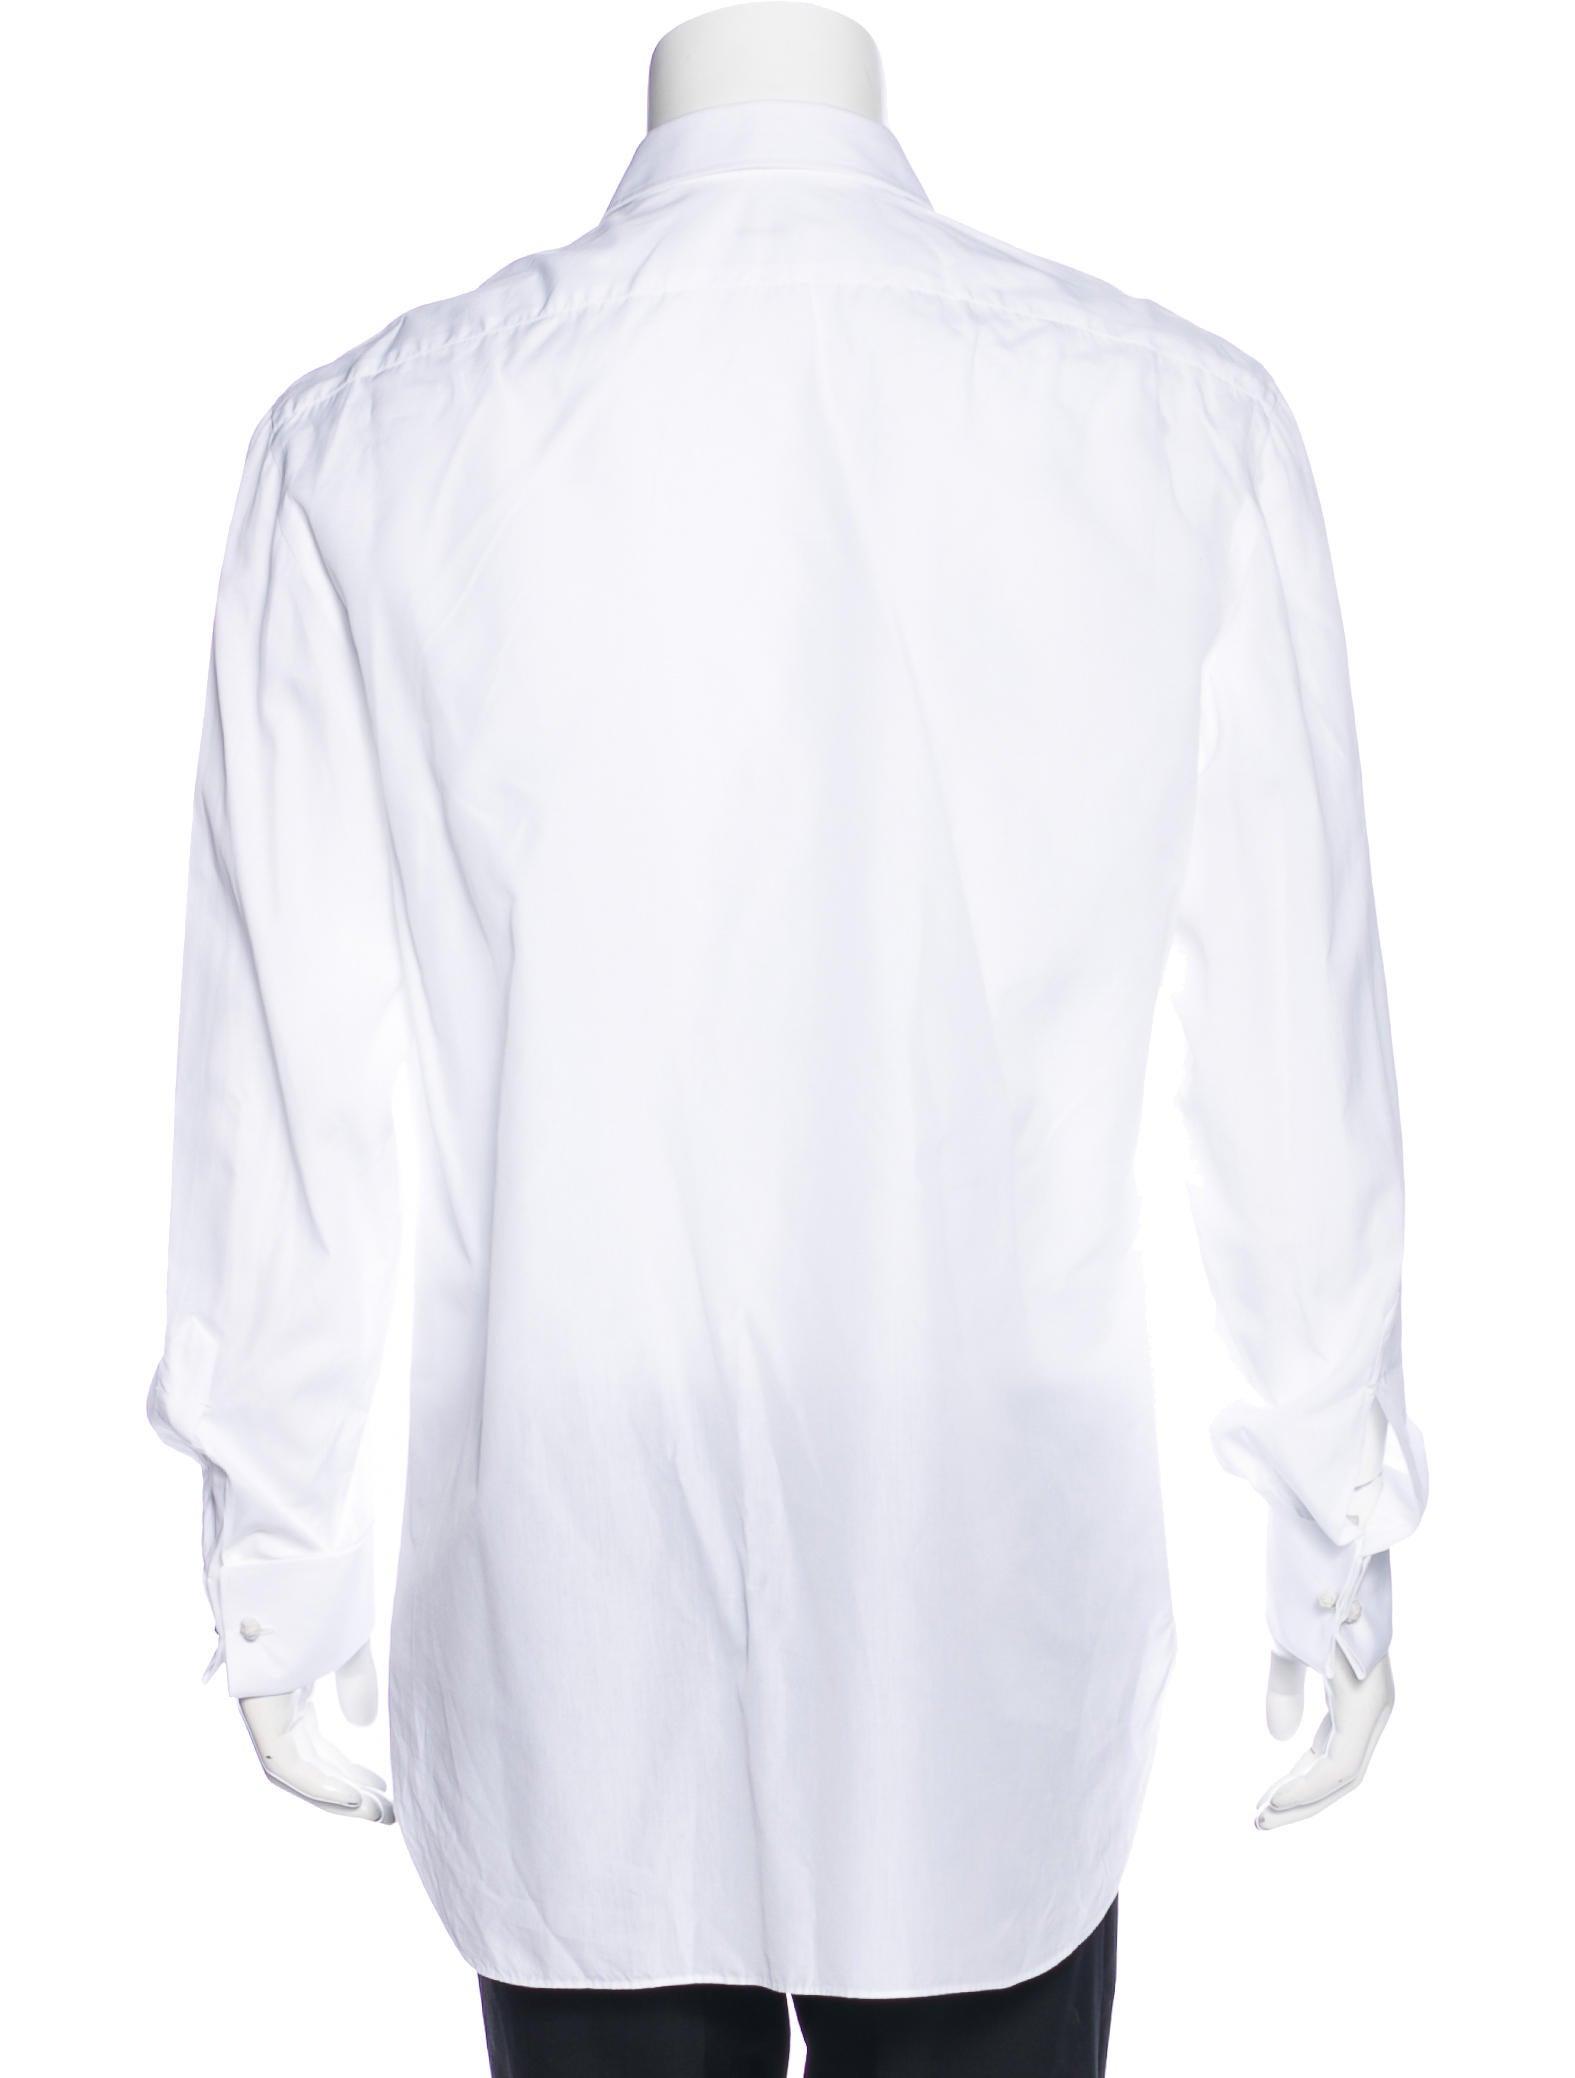 Kiton french cuff tuxedo shirt clothing kit21633 the for Tuxedo shirt french cuff